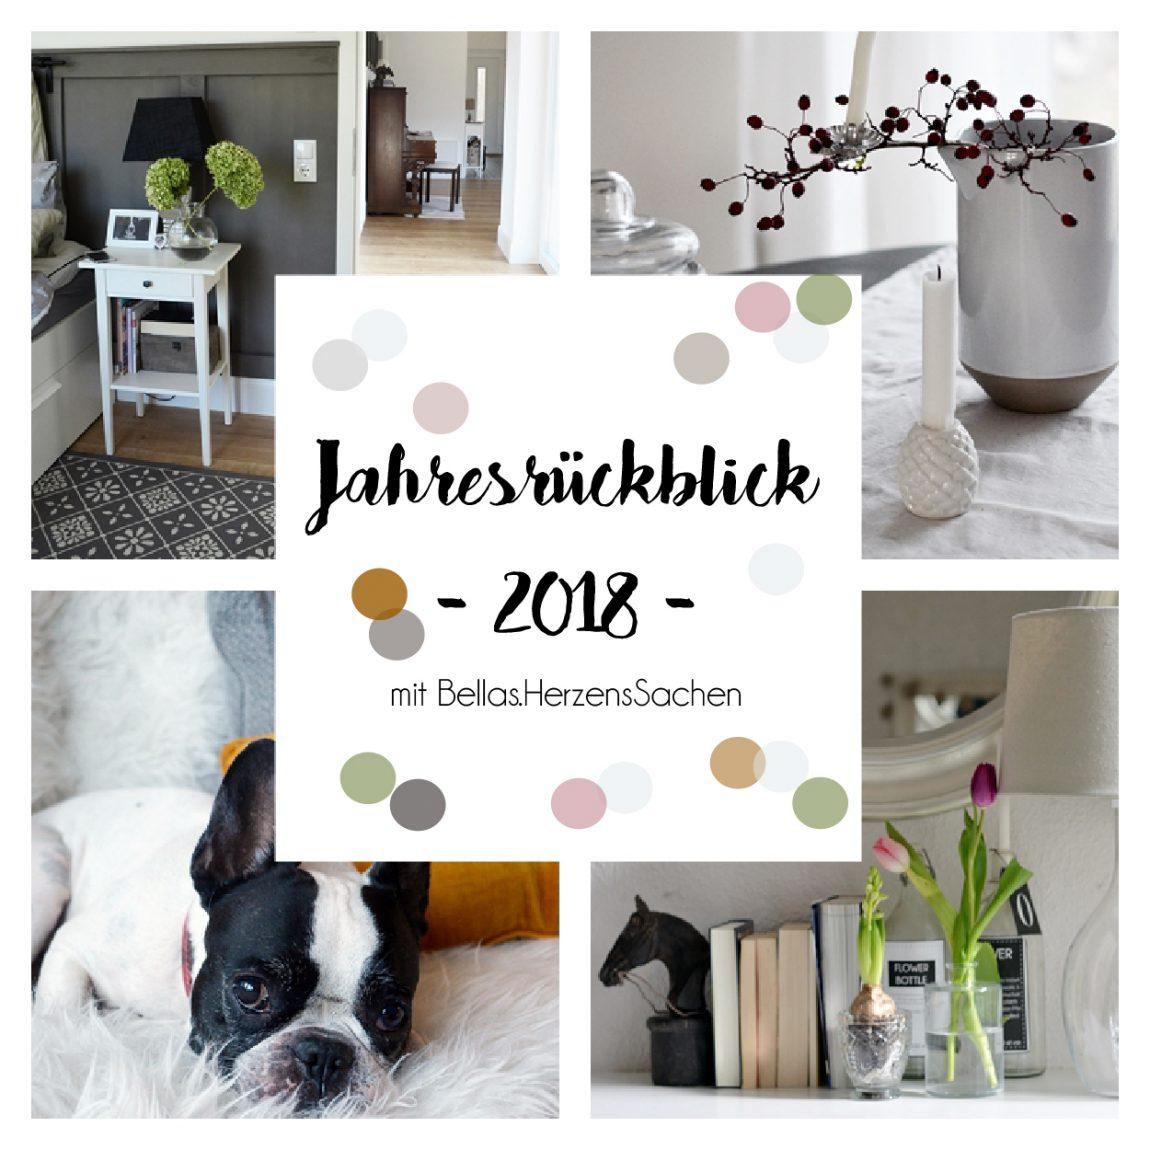 Jahresrückblick_2018_BellasHerzenssachen